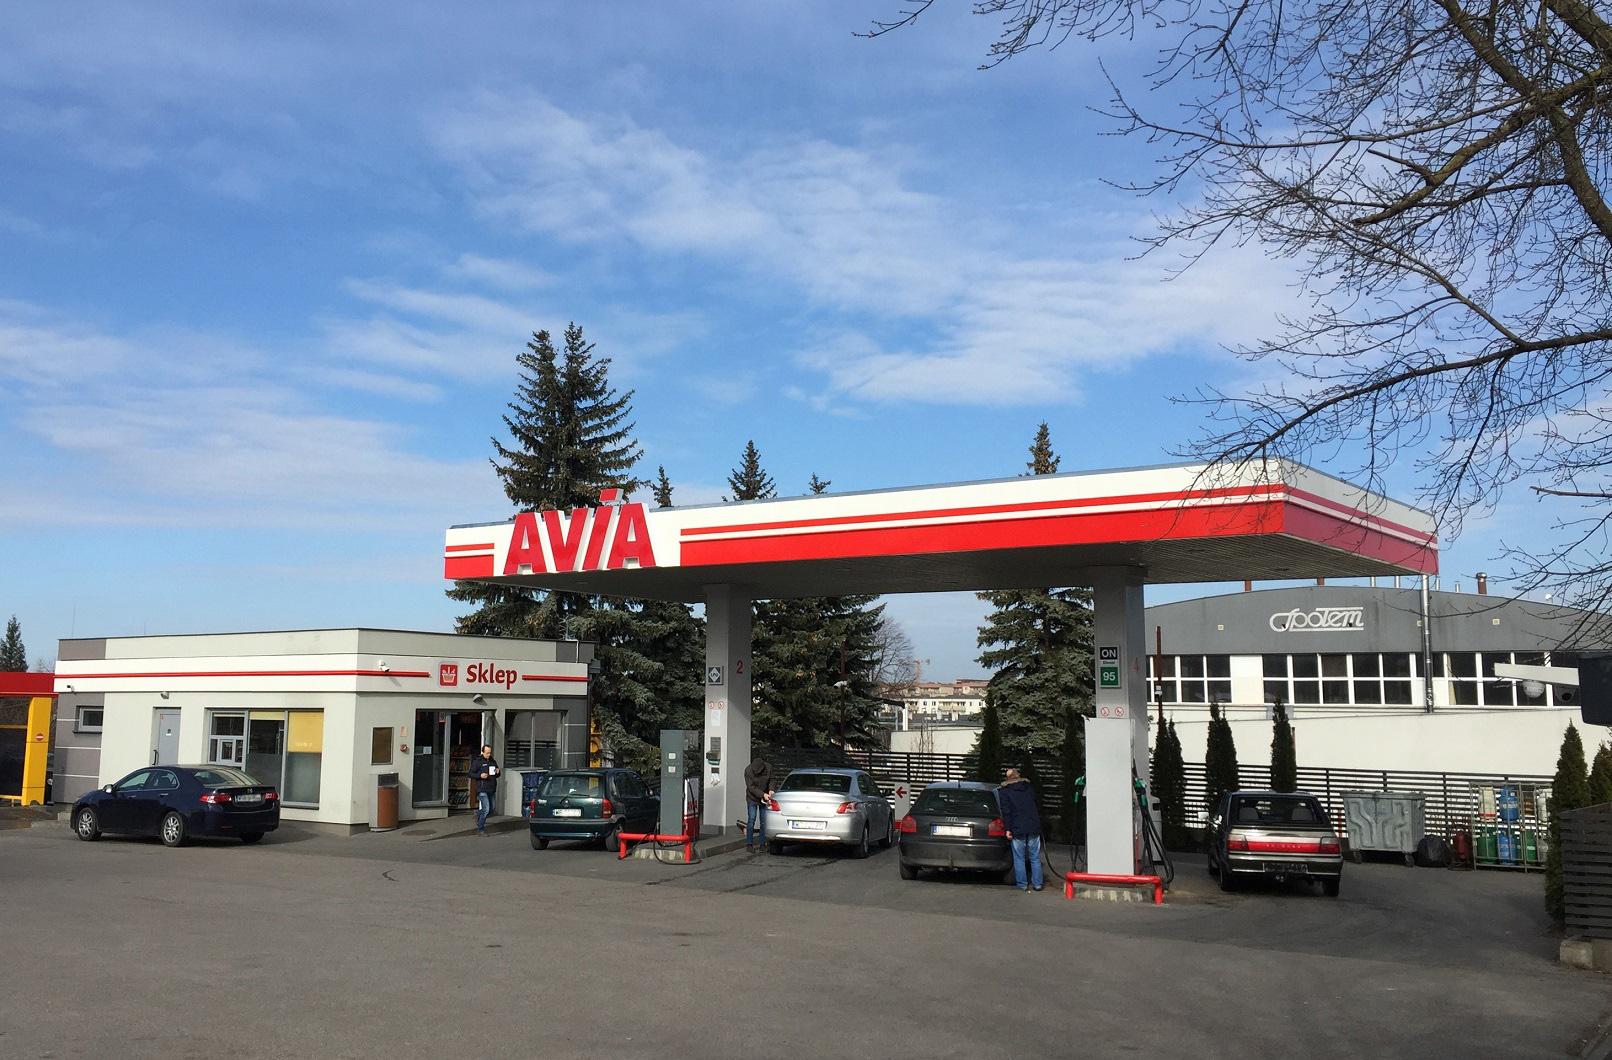 Kolejne stacje paliw działają w barwach AVIA